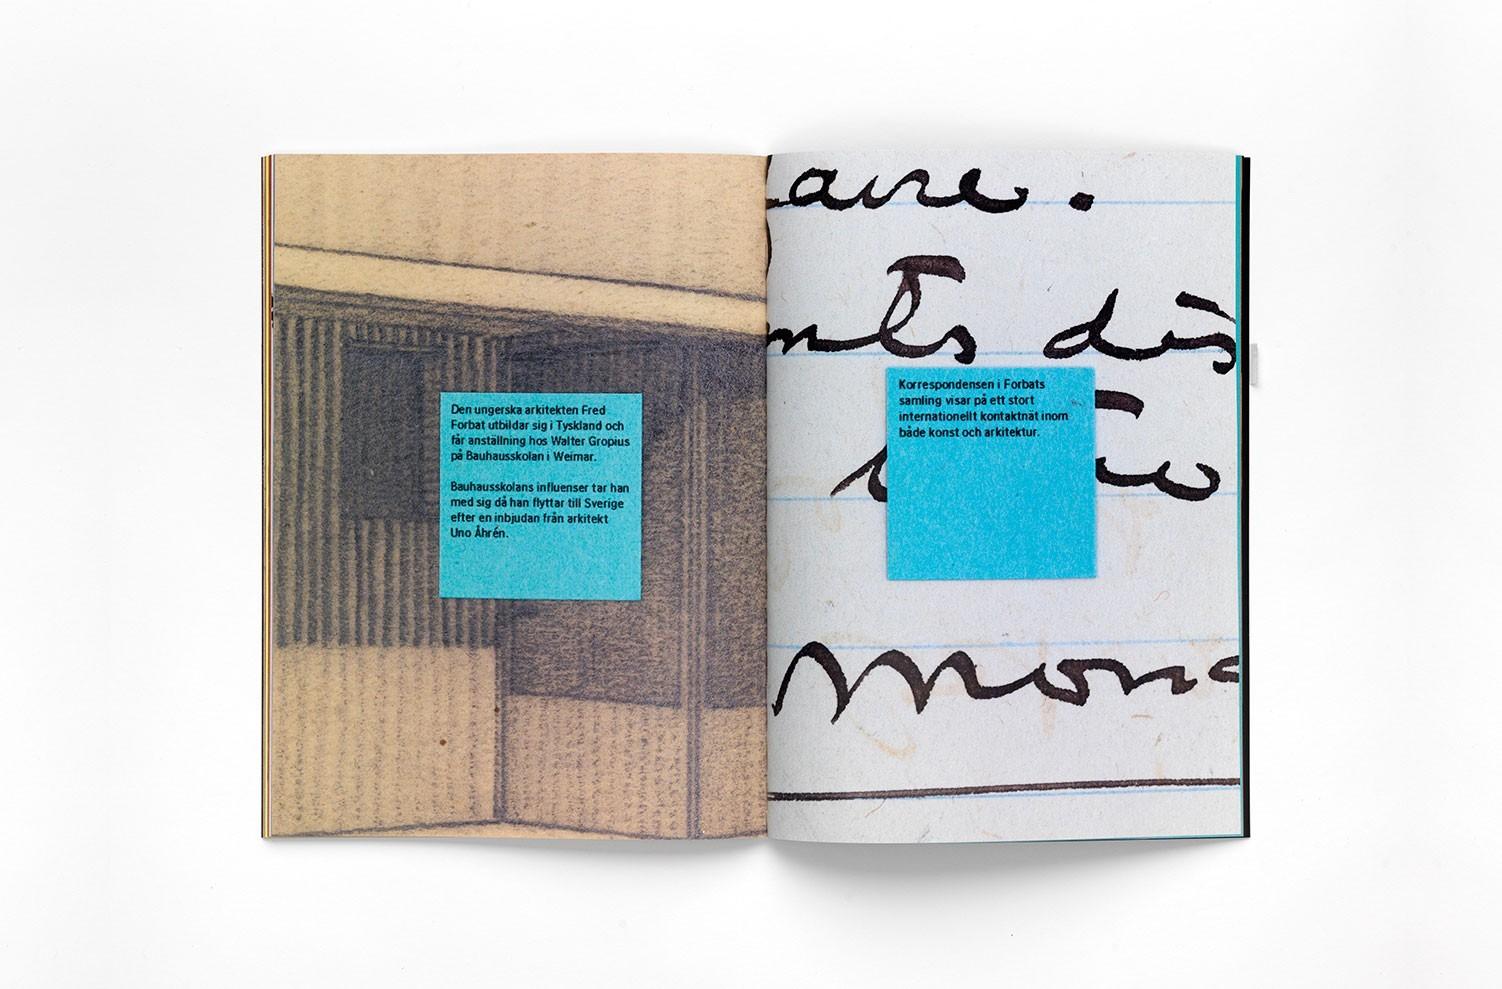 ritator_the_swedish_museum_of_architecture_magazine_3